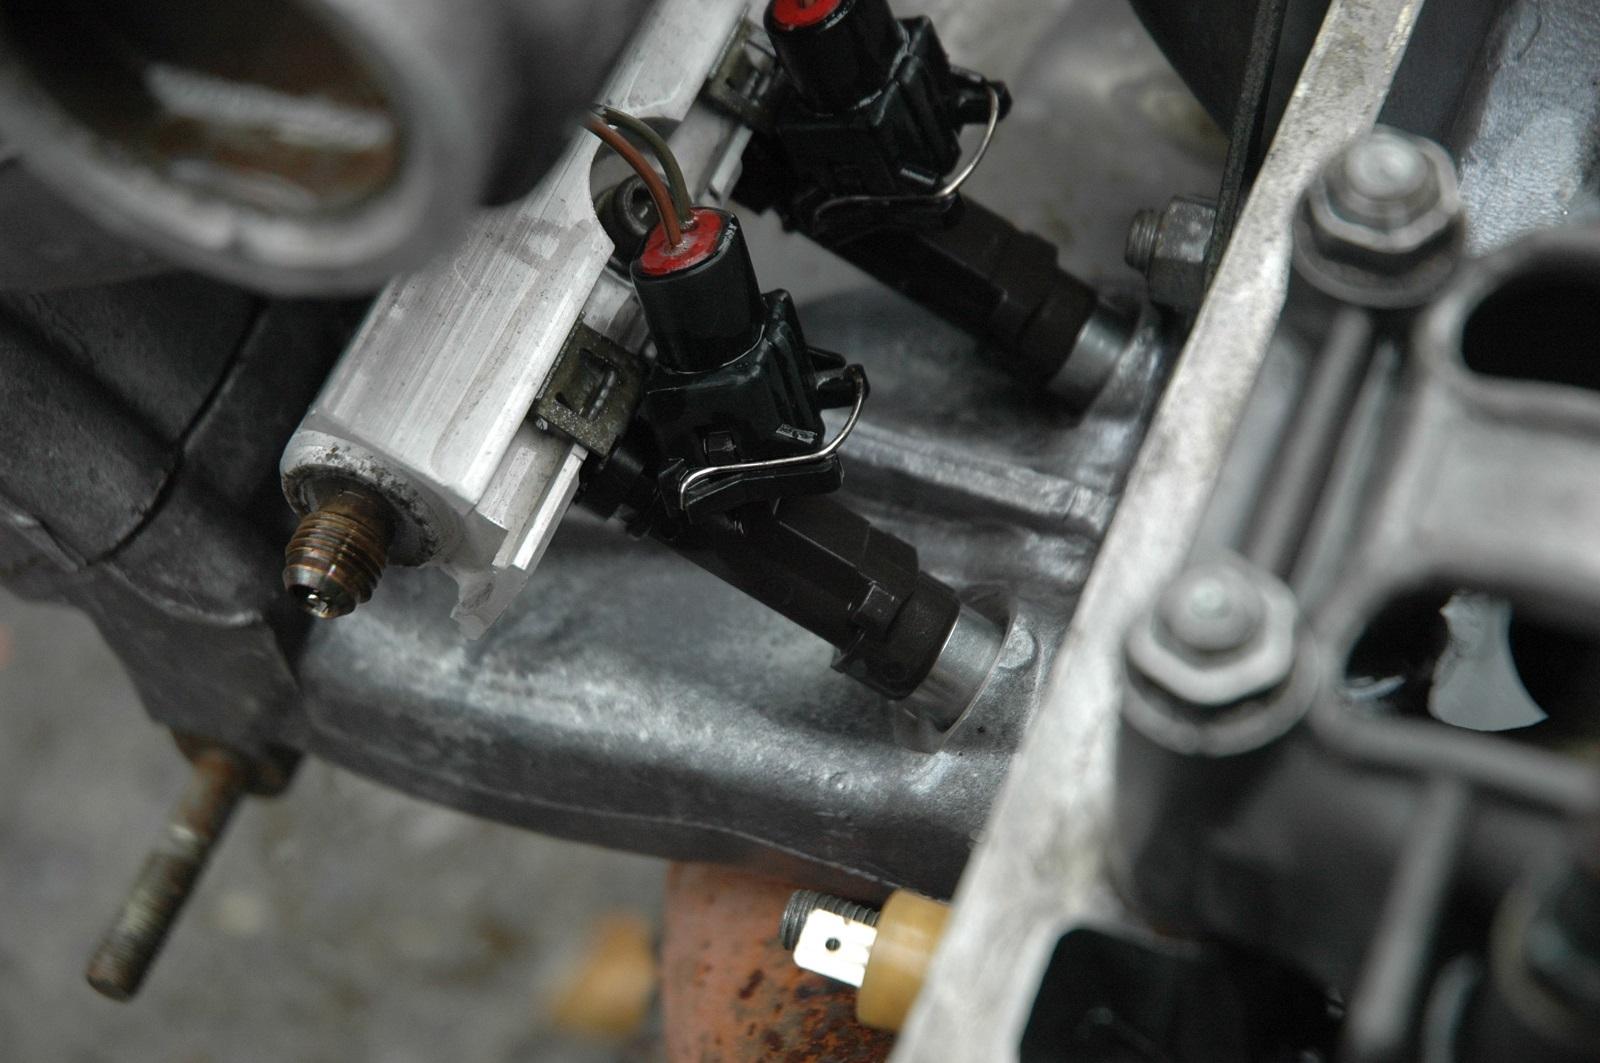 Форсунки впрыскивают и распыляют топливо, от их состояния зависит работа мотора